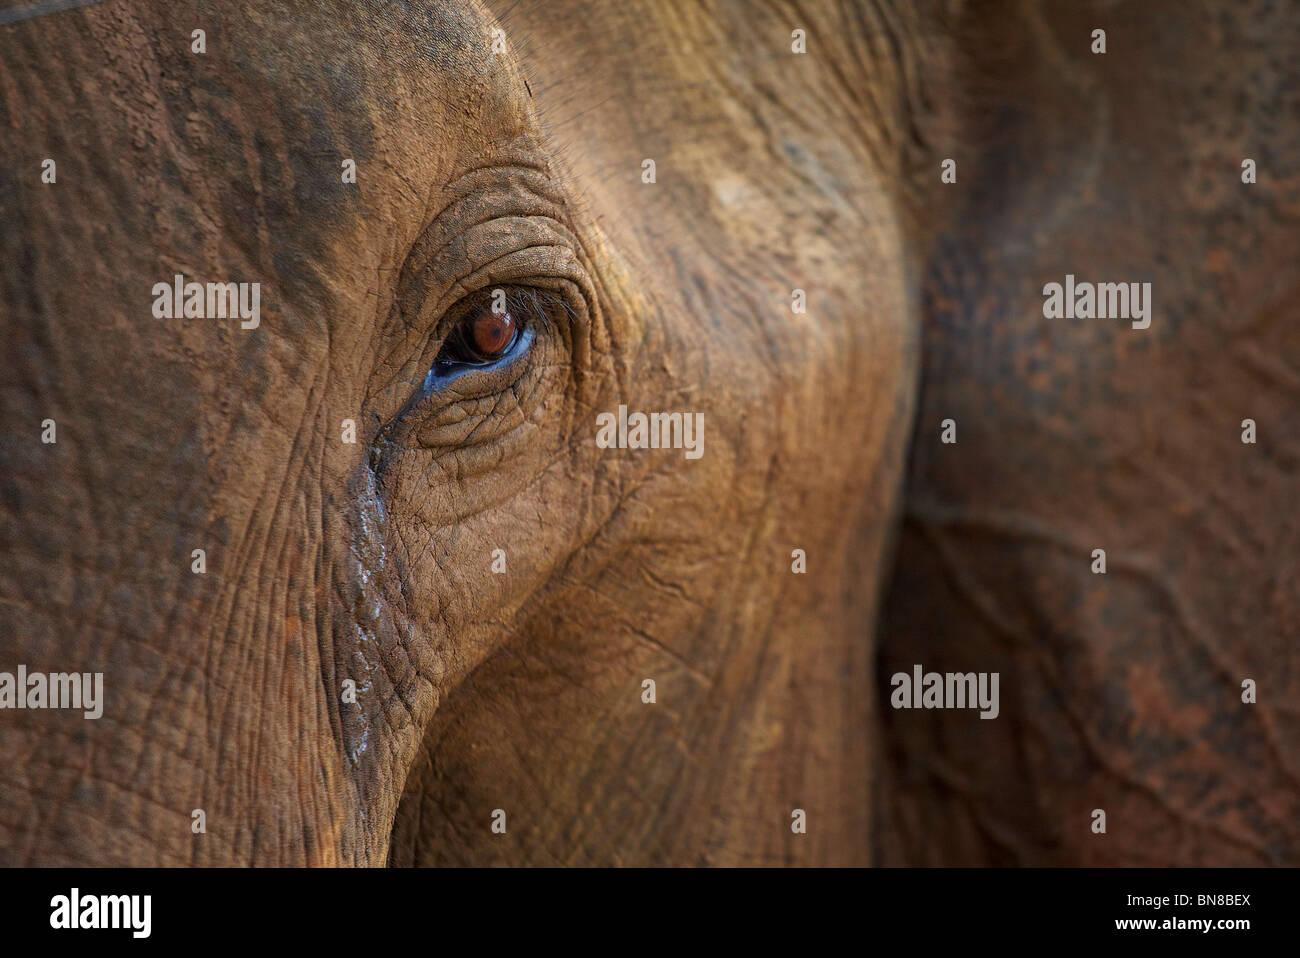 Close-up of elephant in Sri Lanka - Stock Image